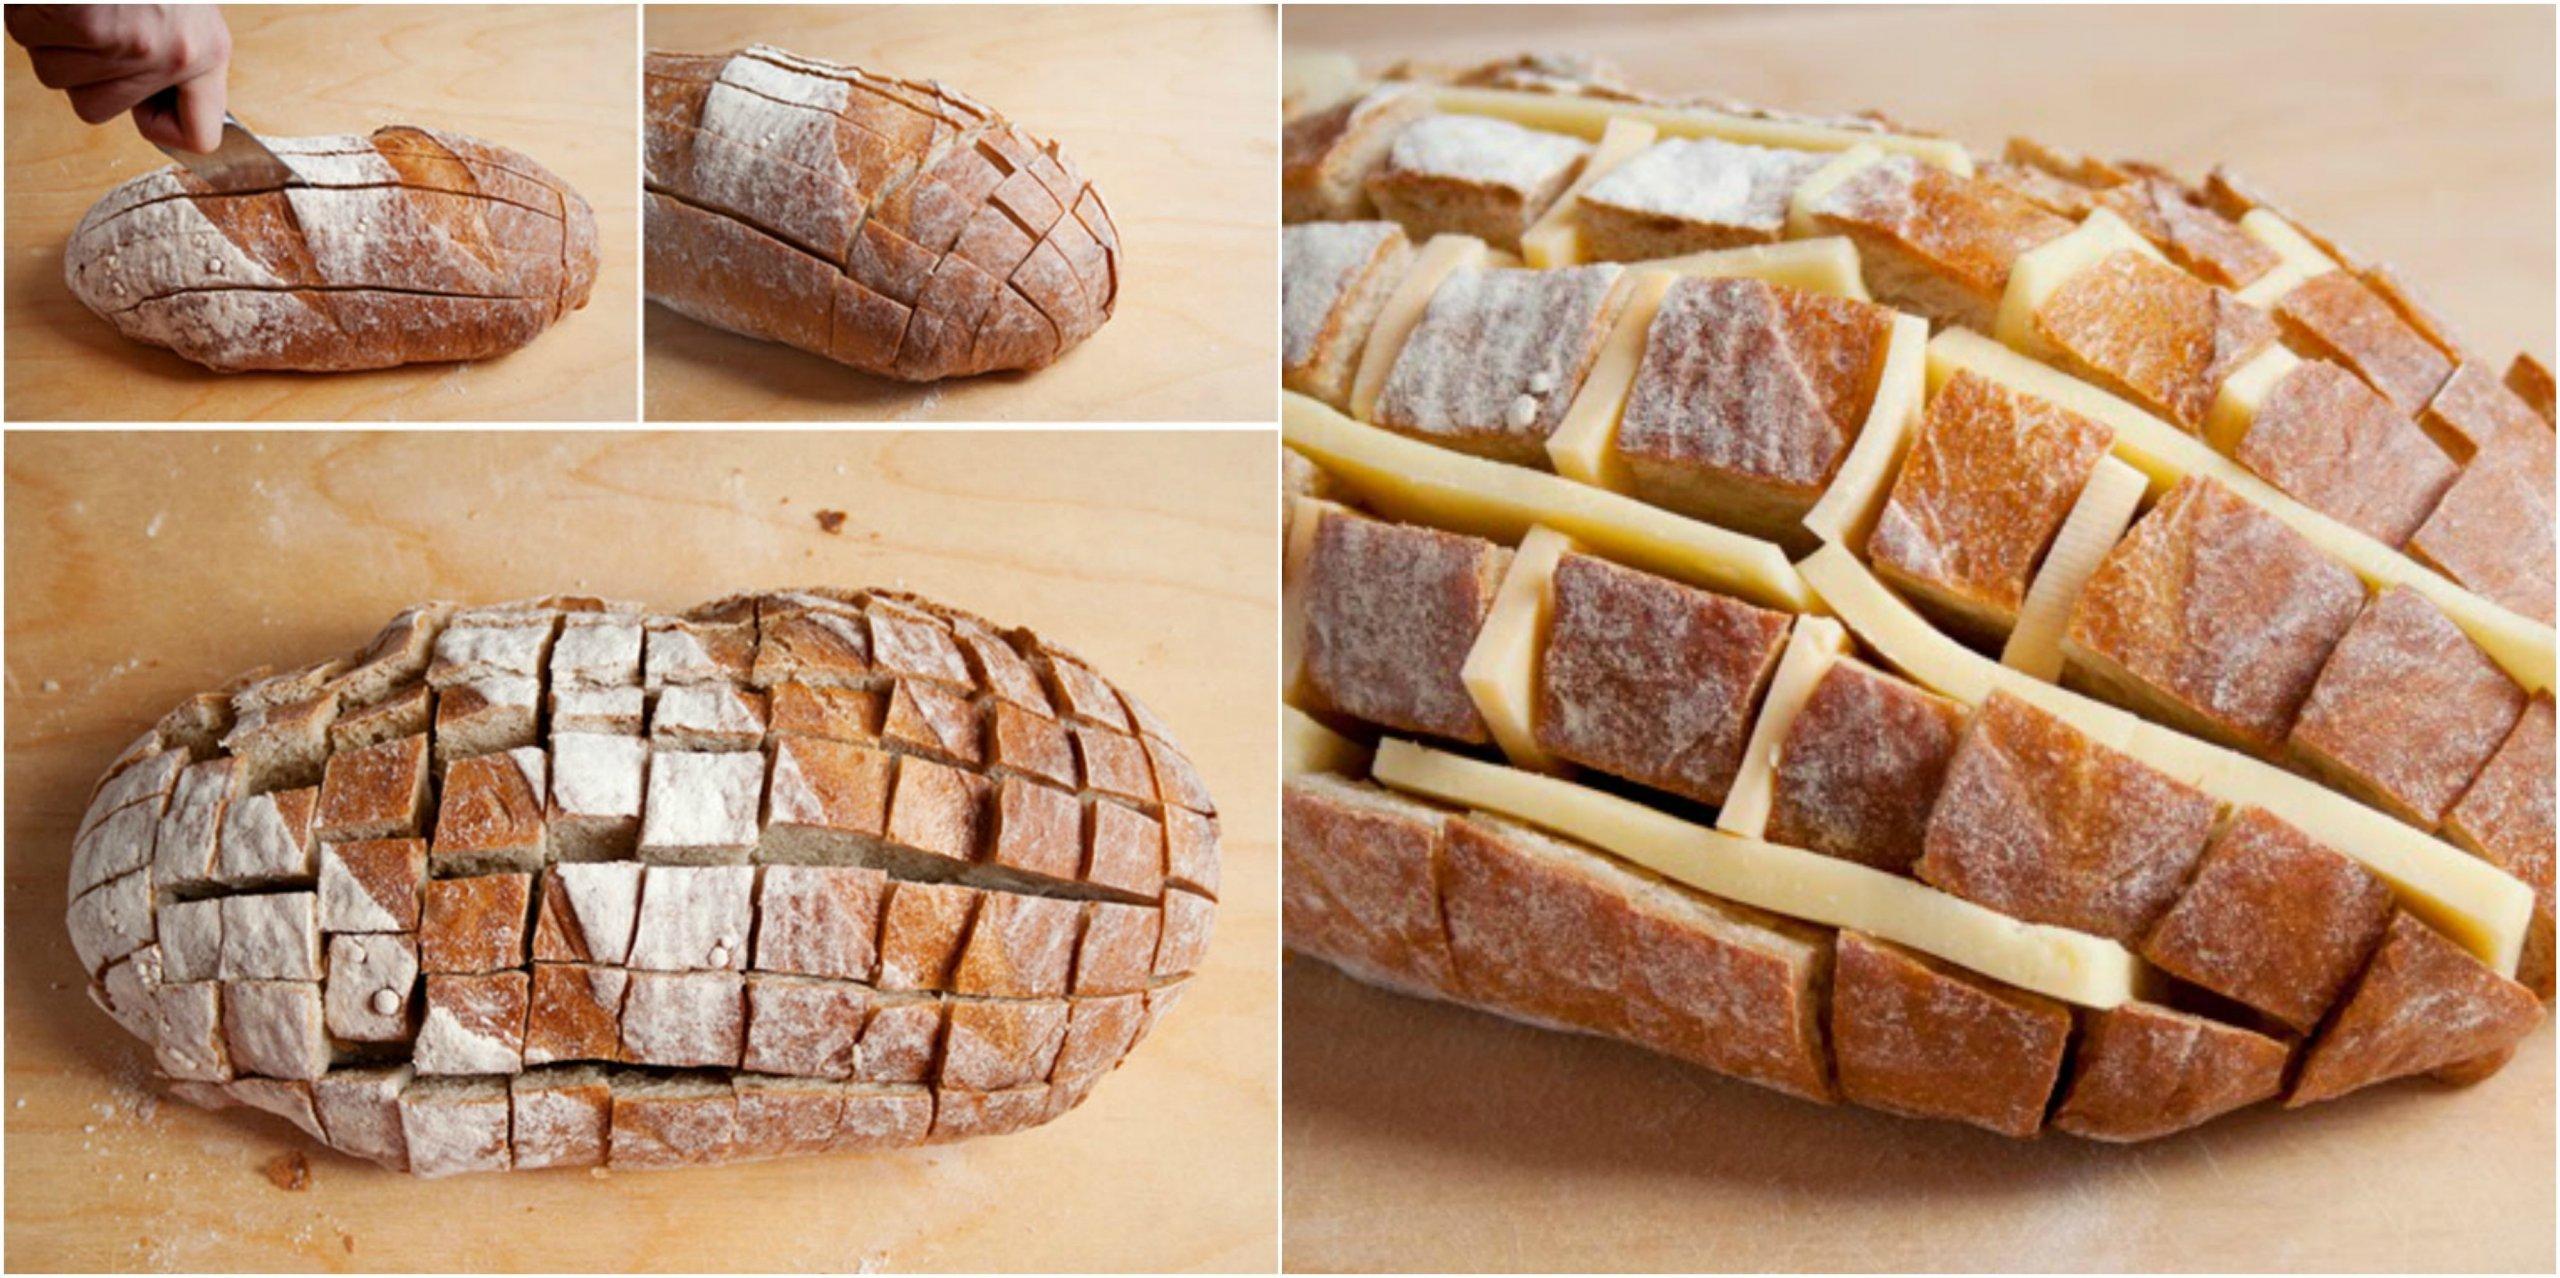 Trhací chléb s rozpečeným sýrem a jarní cibulkou